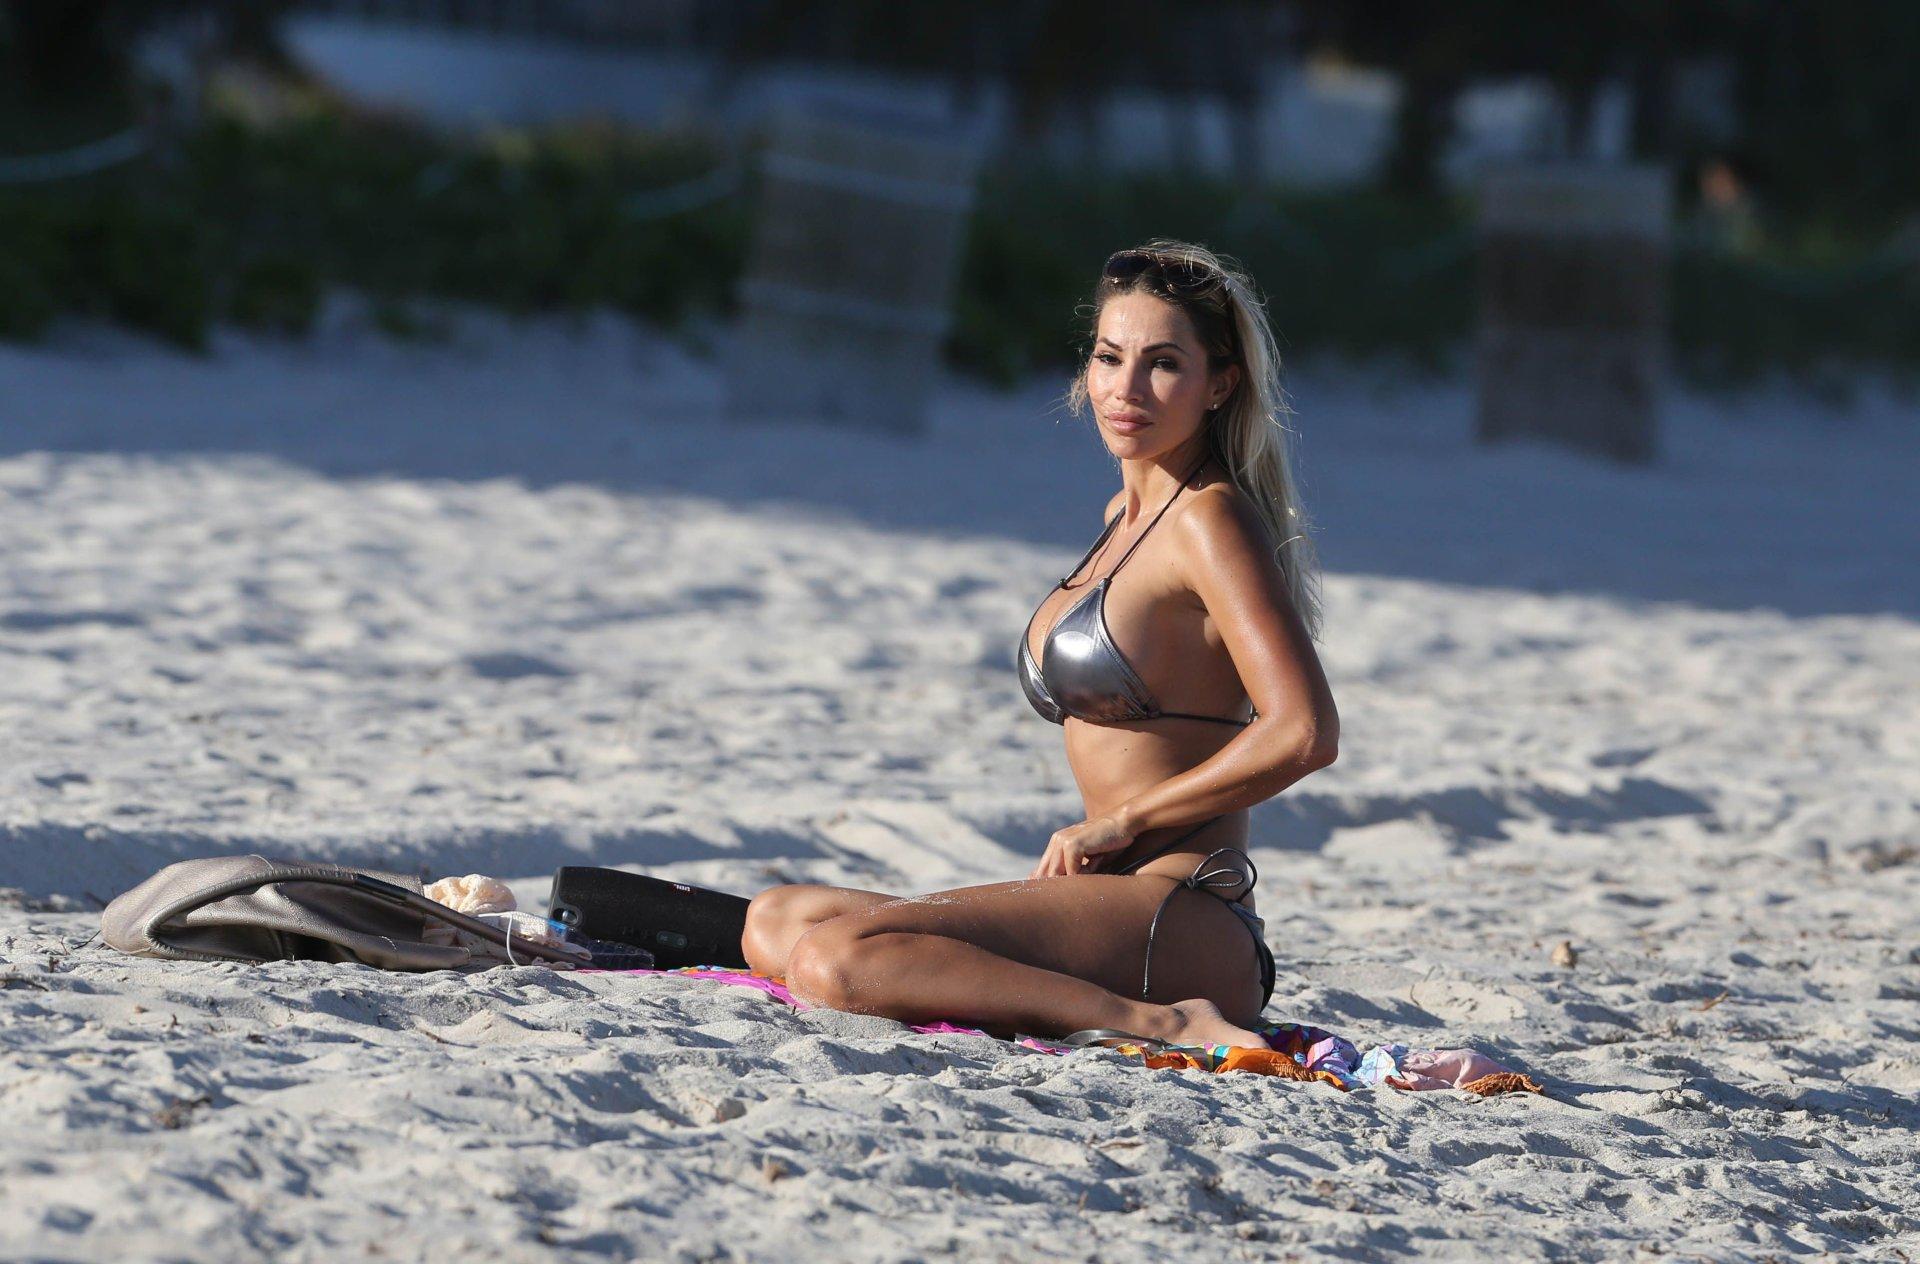 Maria hering nude